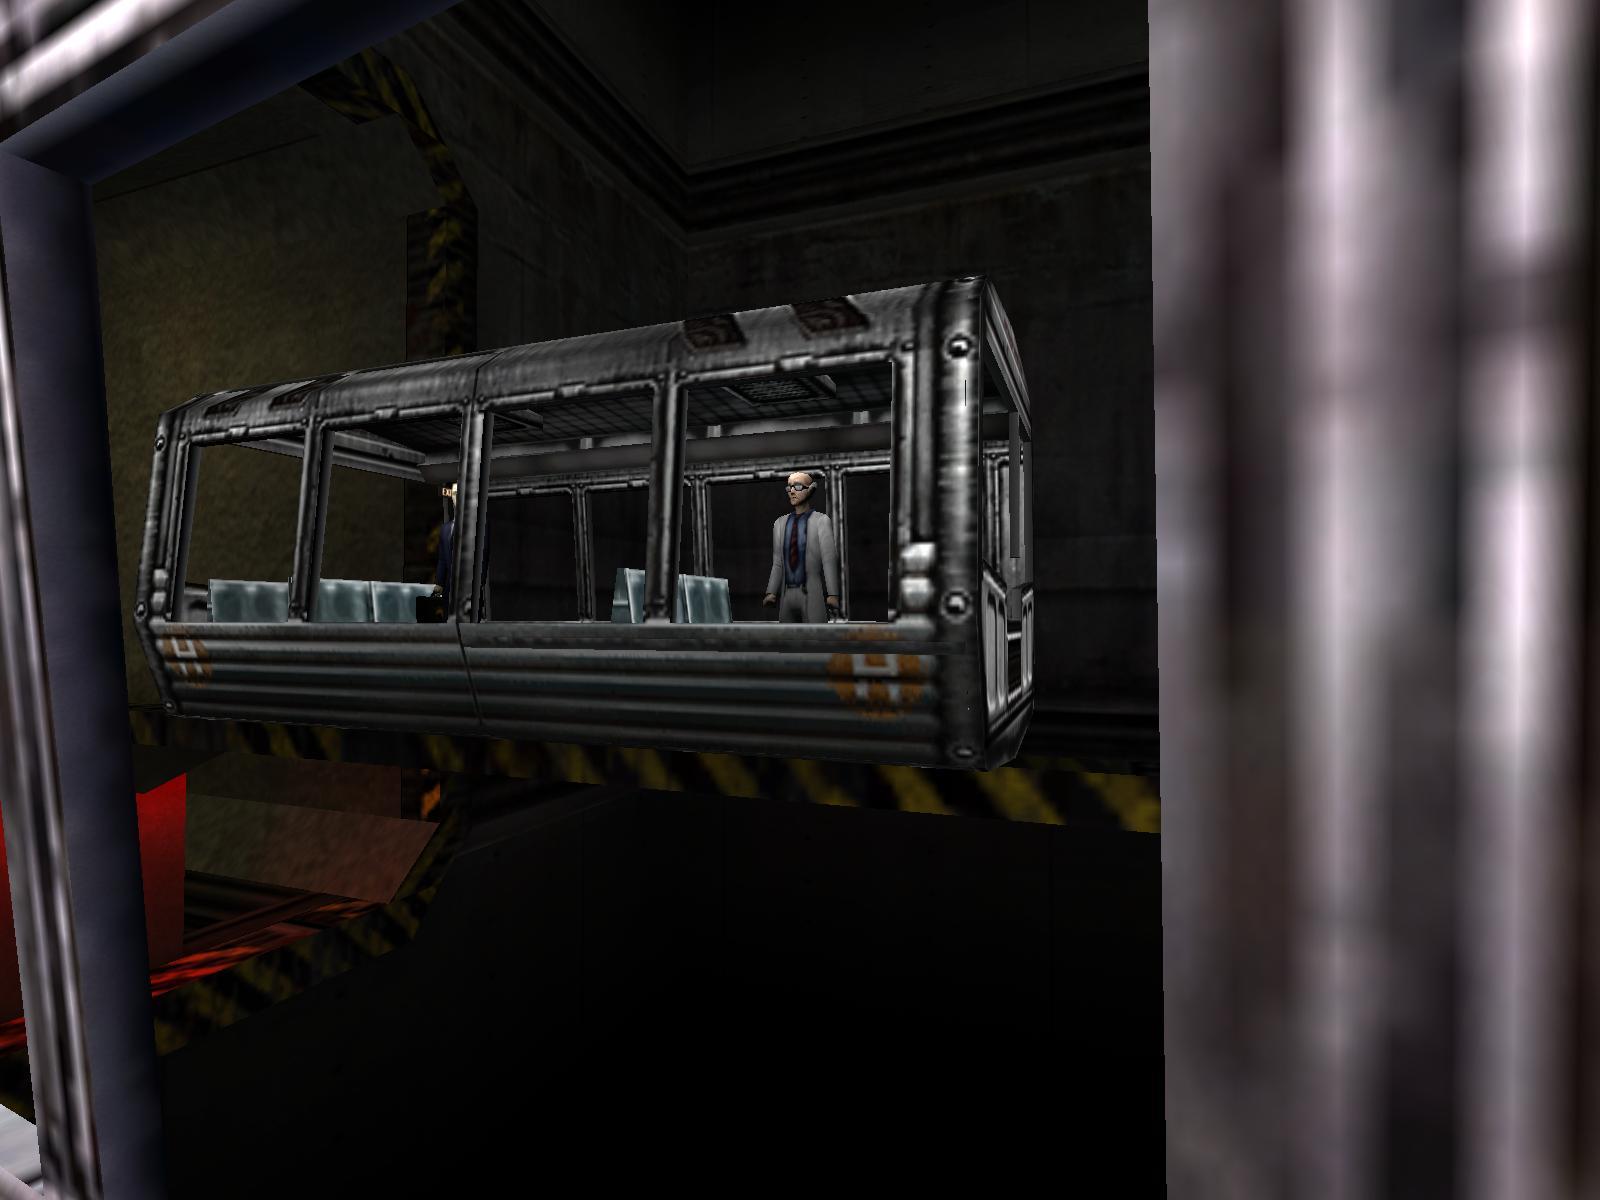 TSVltS4_xN4.jpg - Half-Life